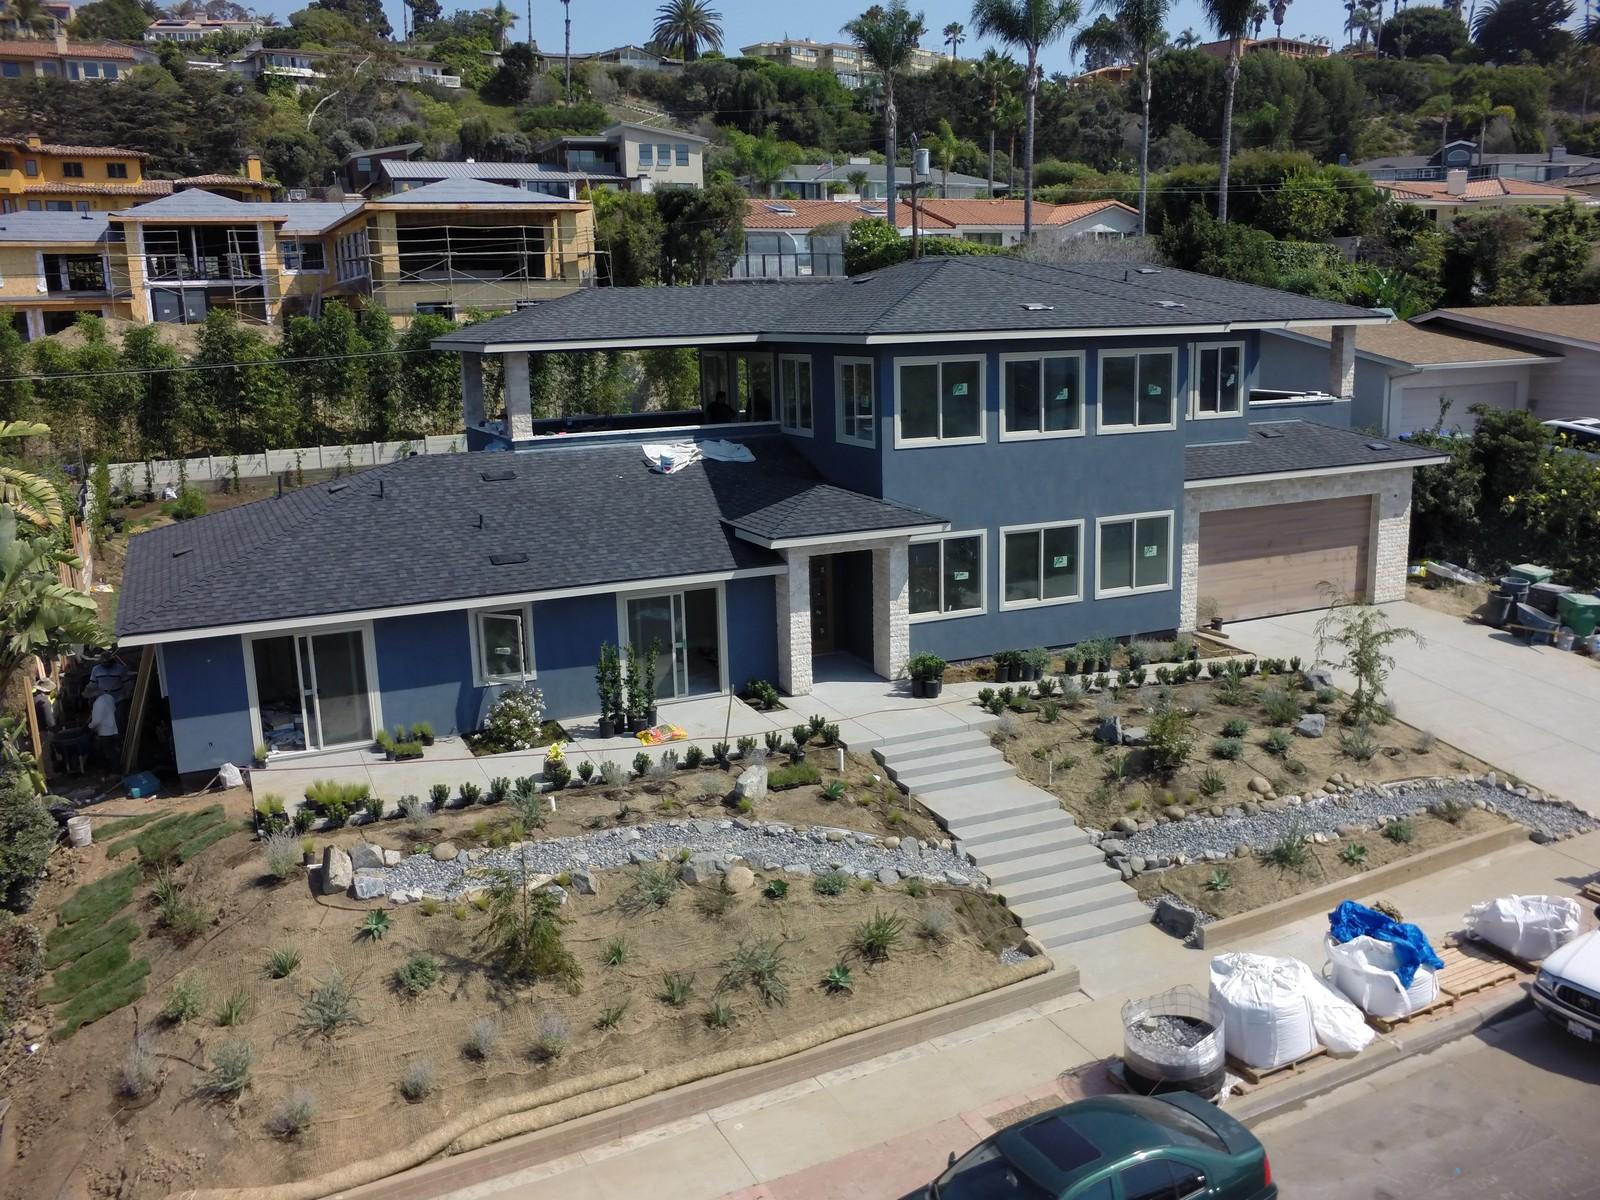 Single Family Home for Sale at 6645 Avenida De Las Pescas La Jolla, California, 92037 United States